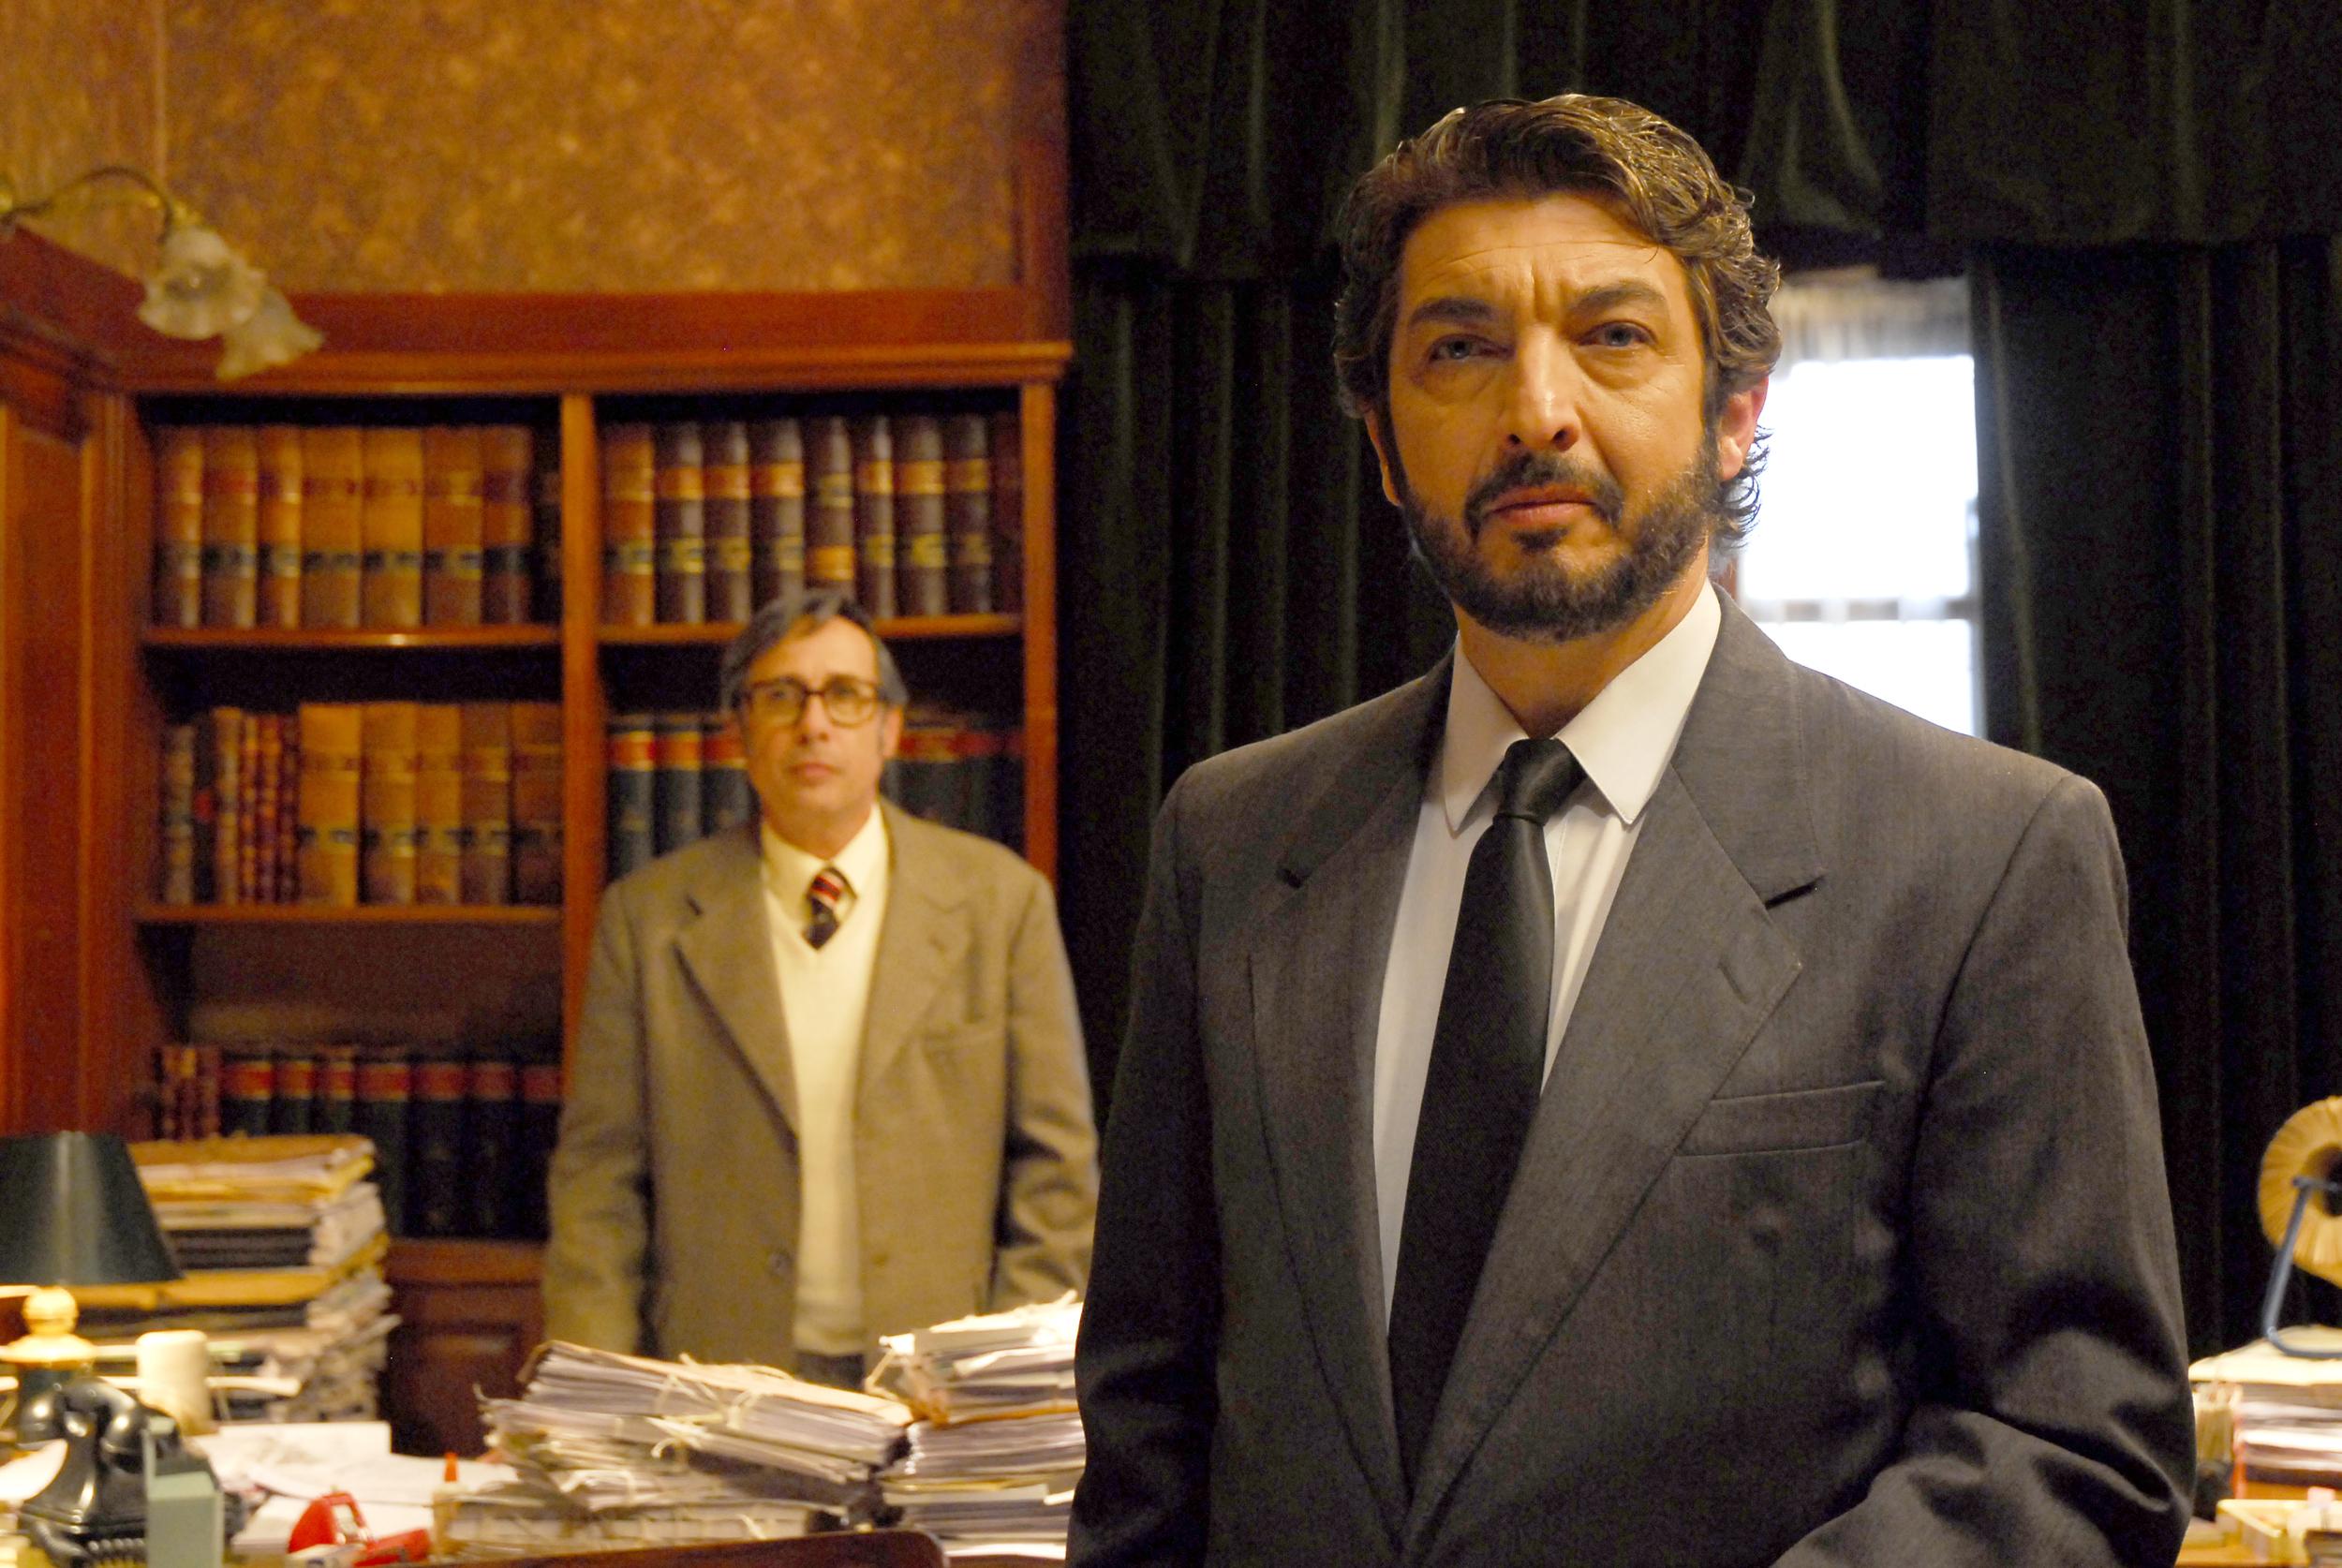 Guillermo Francella  (left) and Ricardo Darín (right) in   El secreto de sus ojos